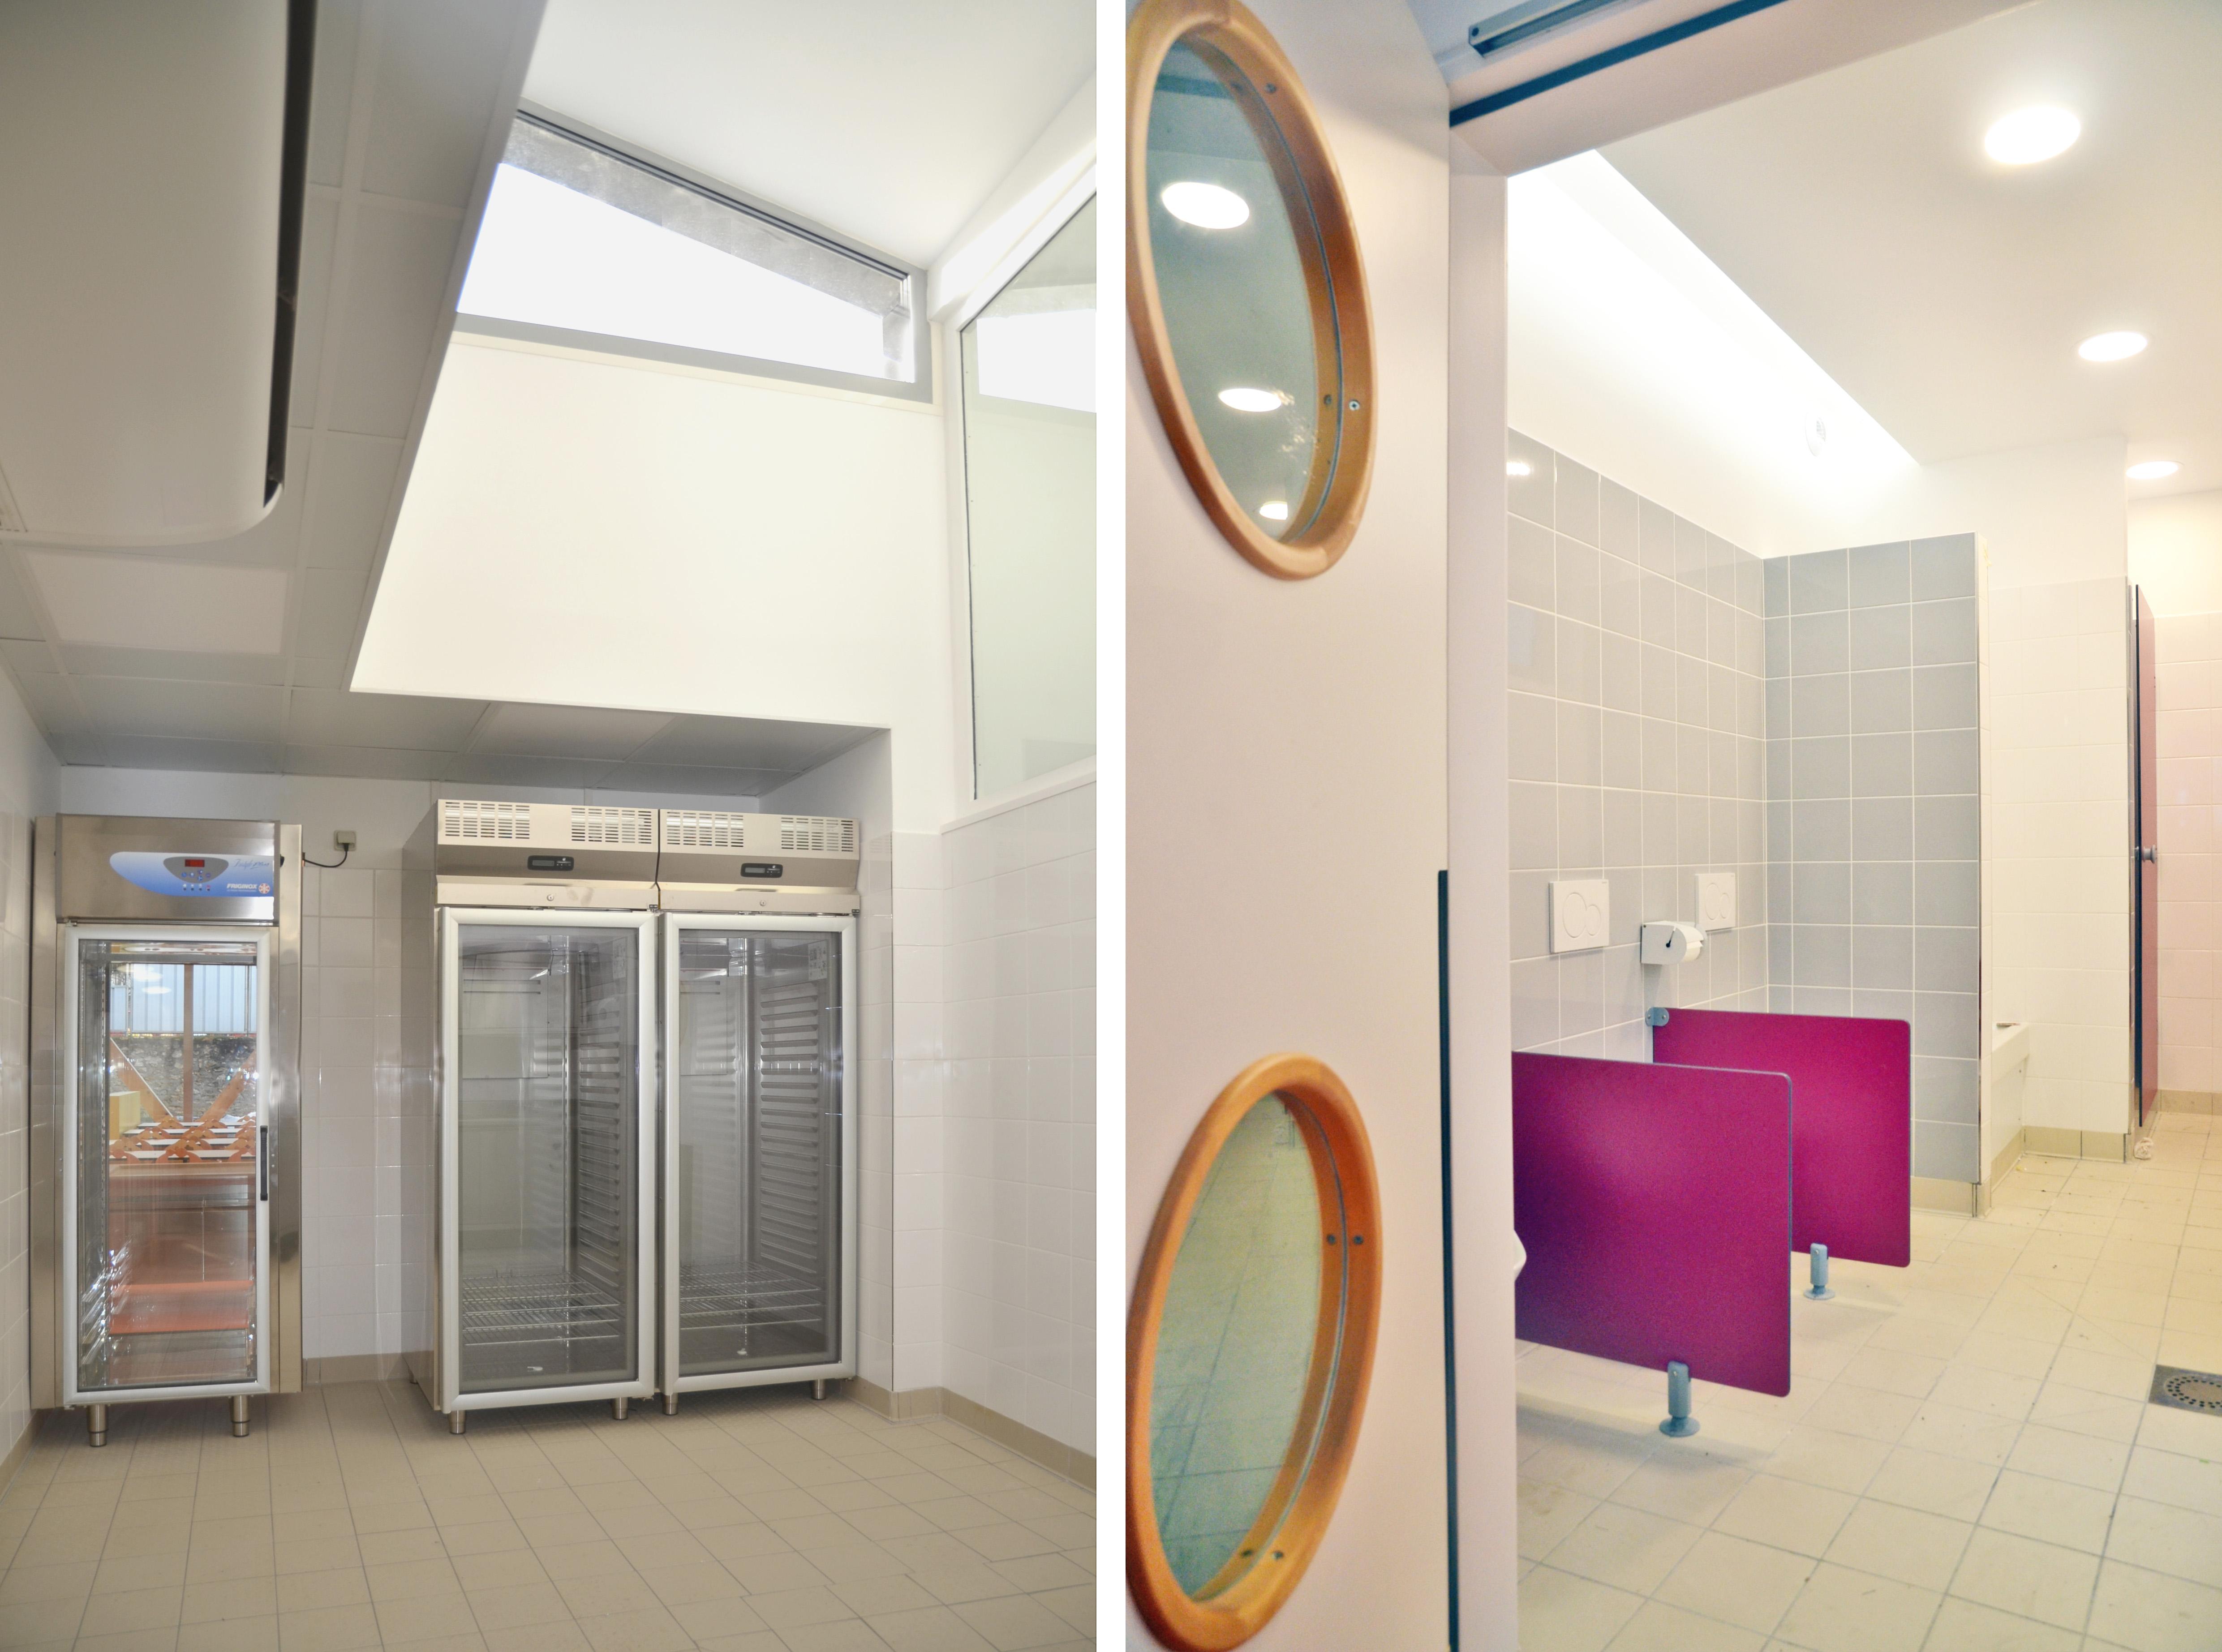 RESTO MEUDON INTERIOR 2 IMAGES CUIS SANIT_AdenArchitectes